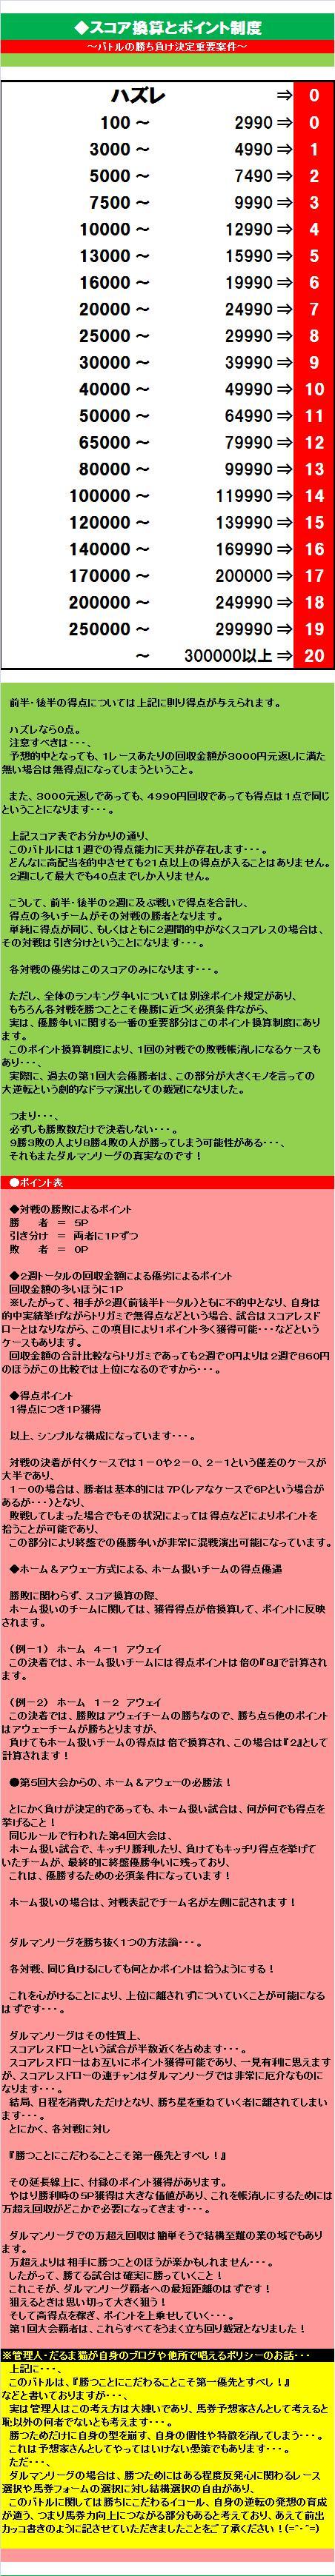 20130818・ダルマンリーグルール⑥.jpg